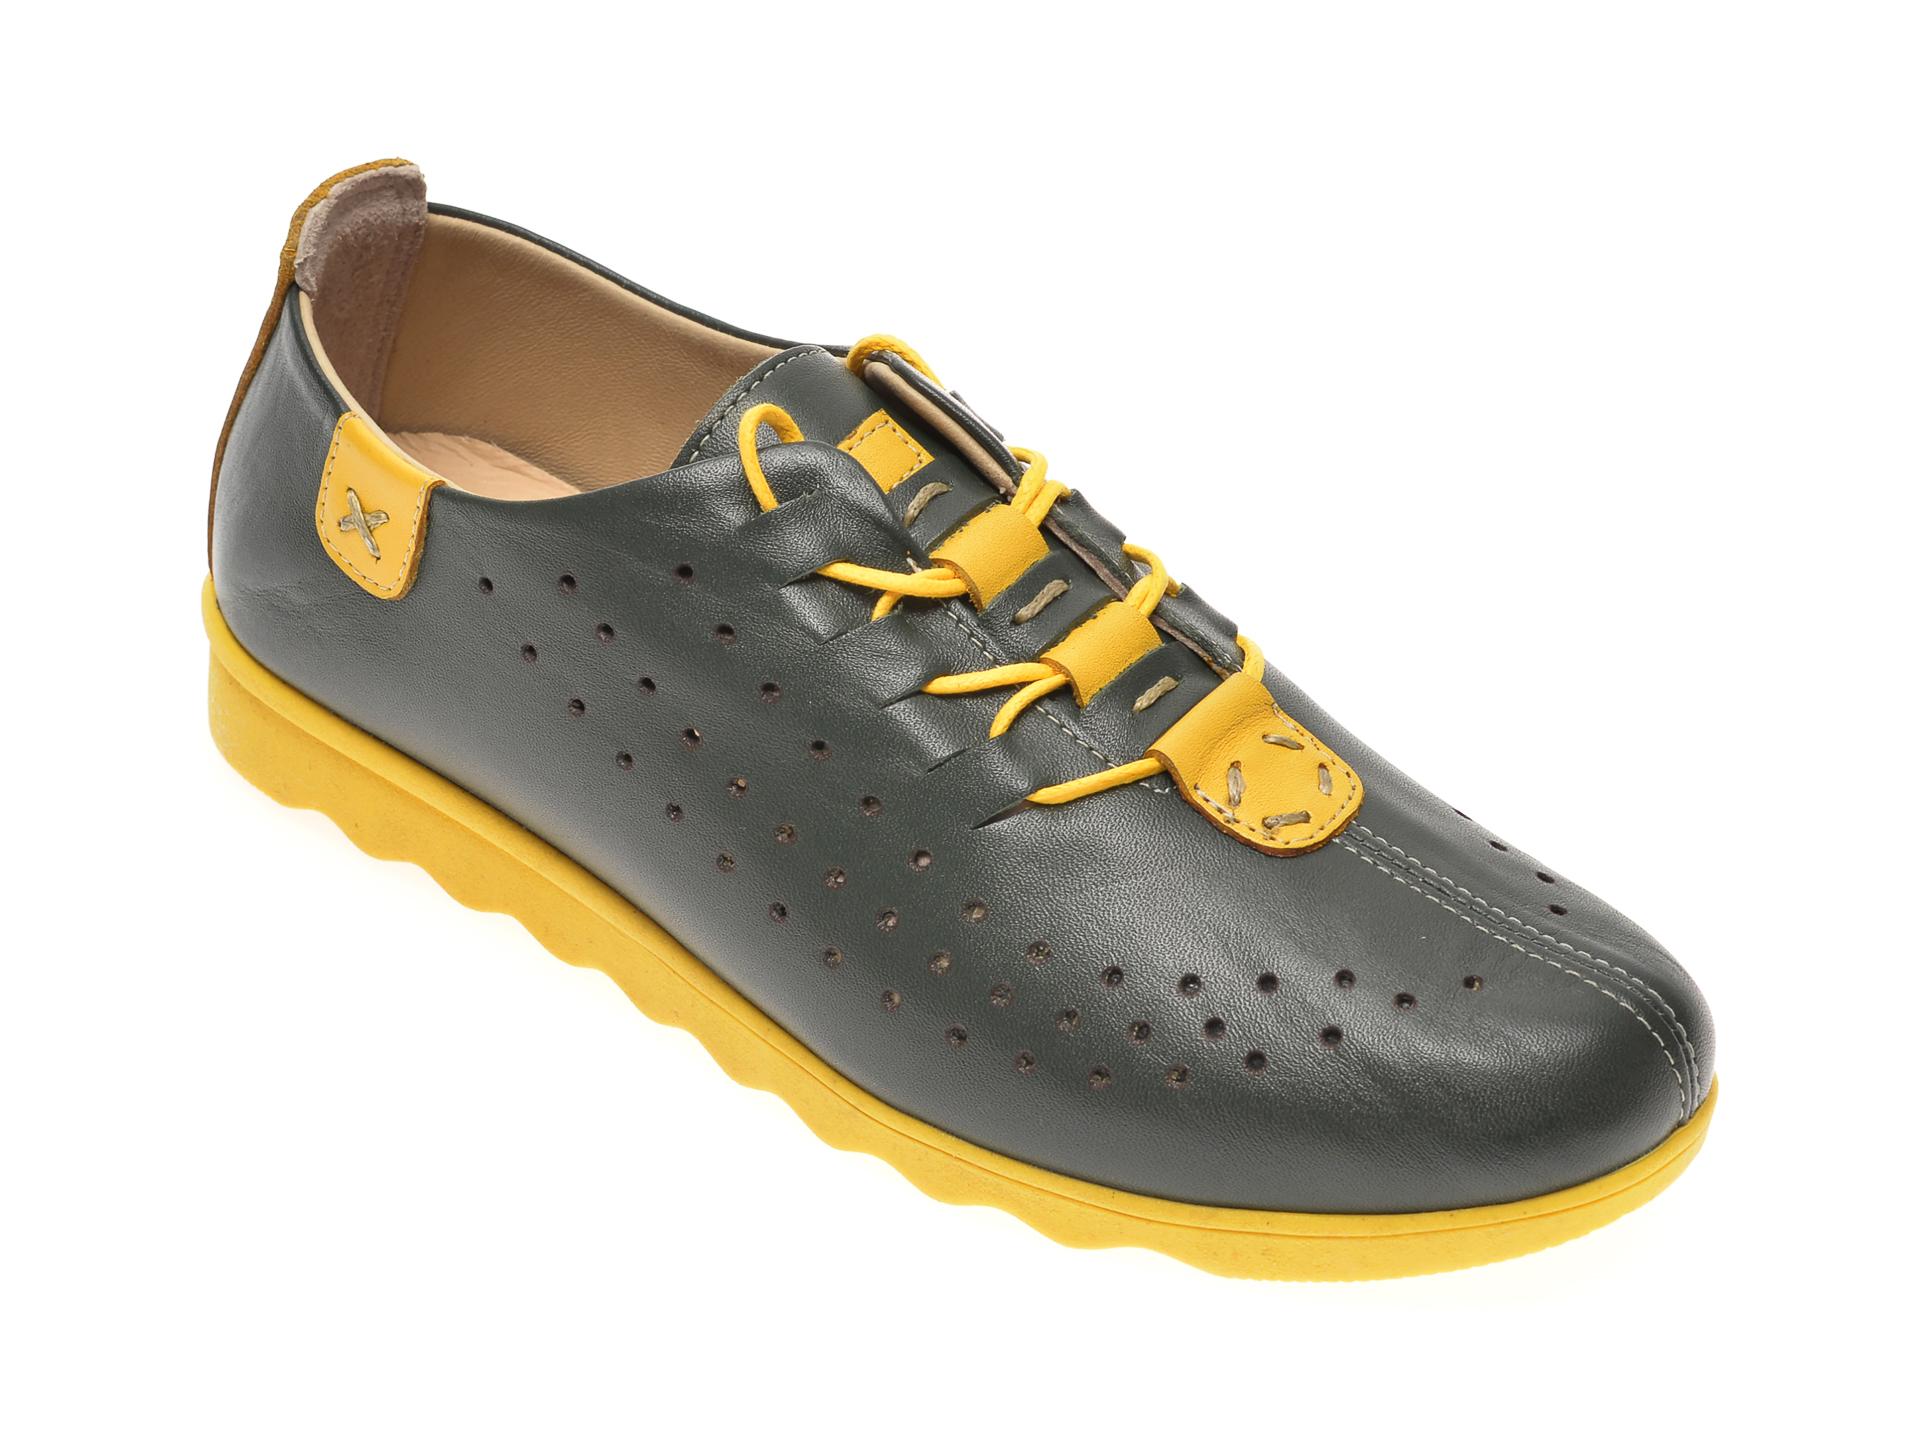 Pantofi PASS COLLECTION verzi, K92101, din piele naturala